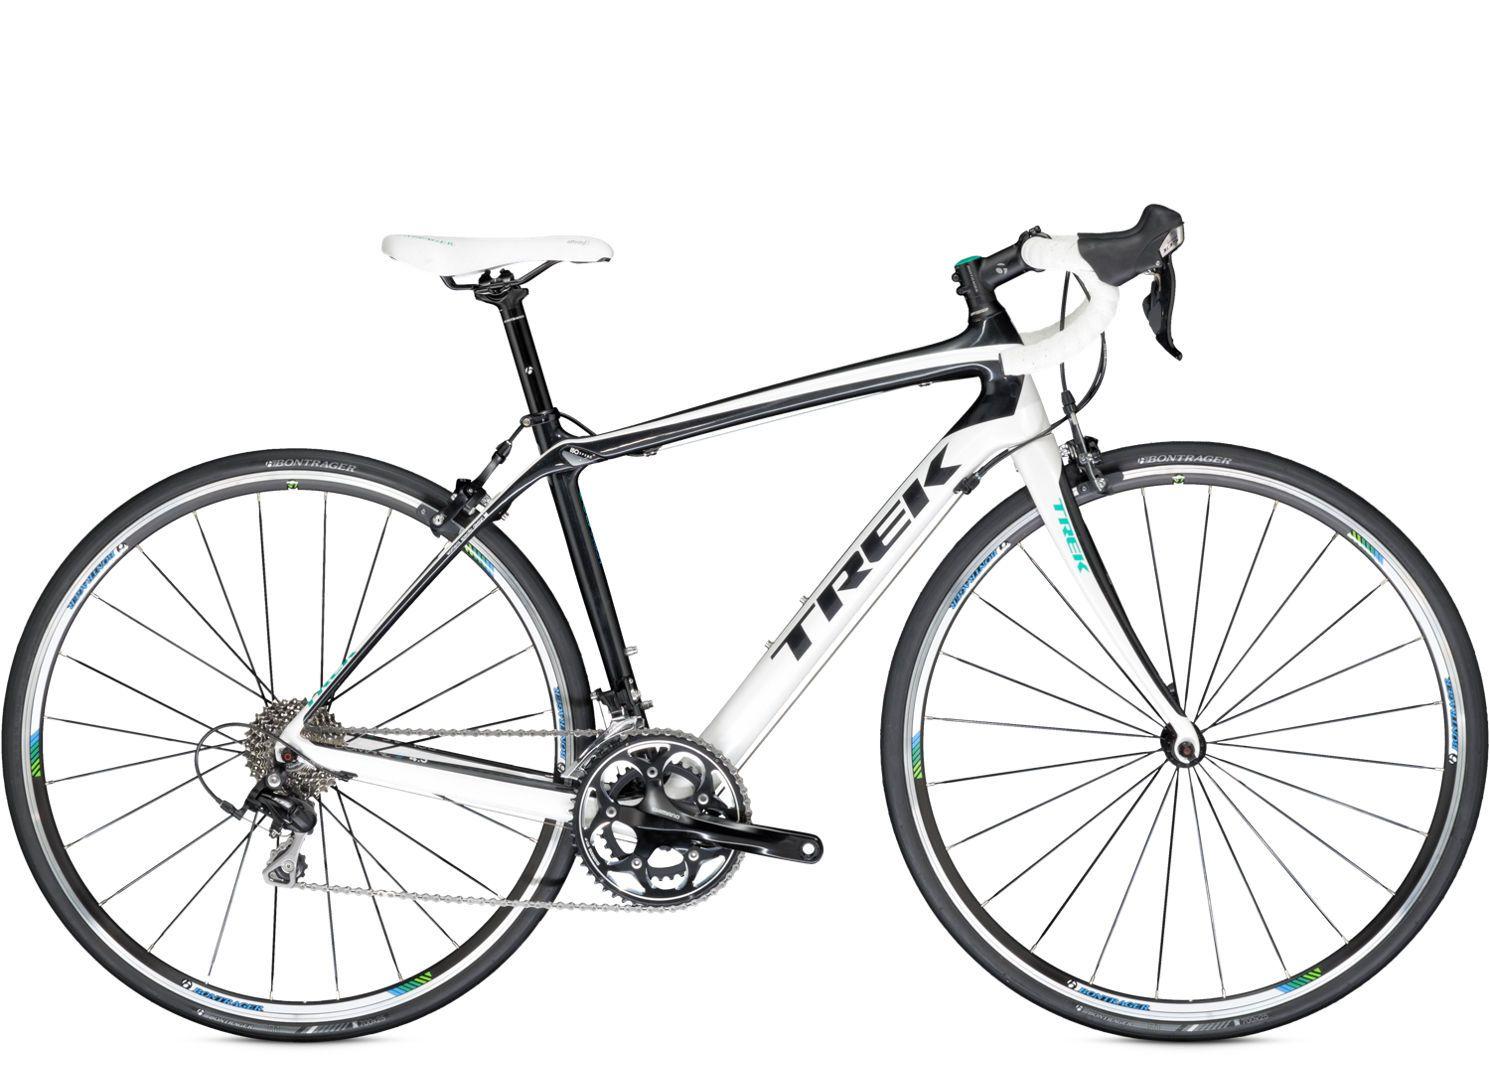 Domane 4 3 Wsd Trek Bicycle Trek Bicycle Road Bike Bike